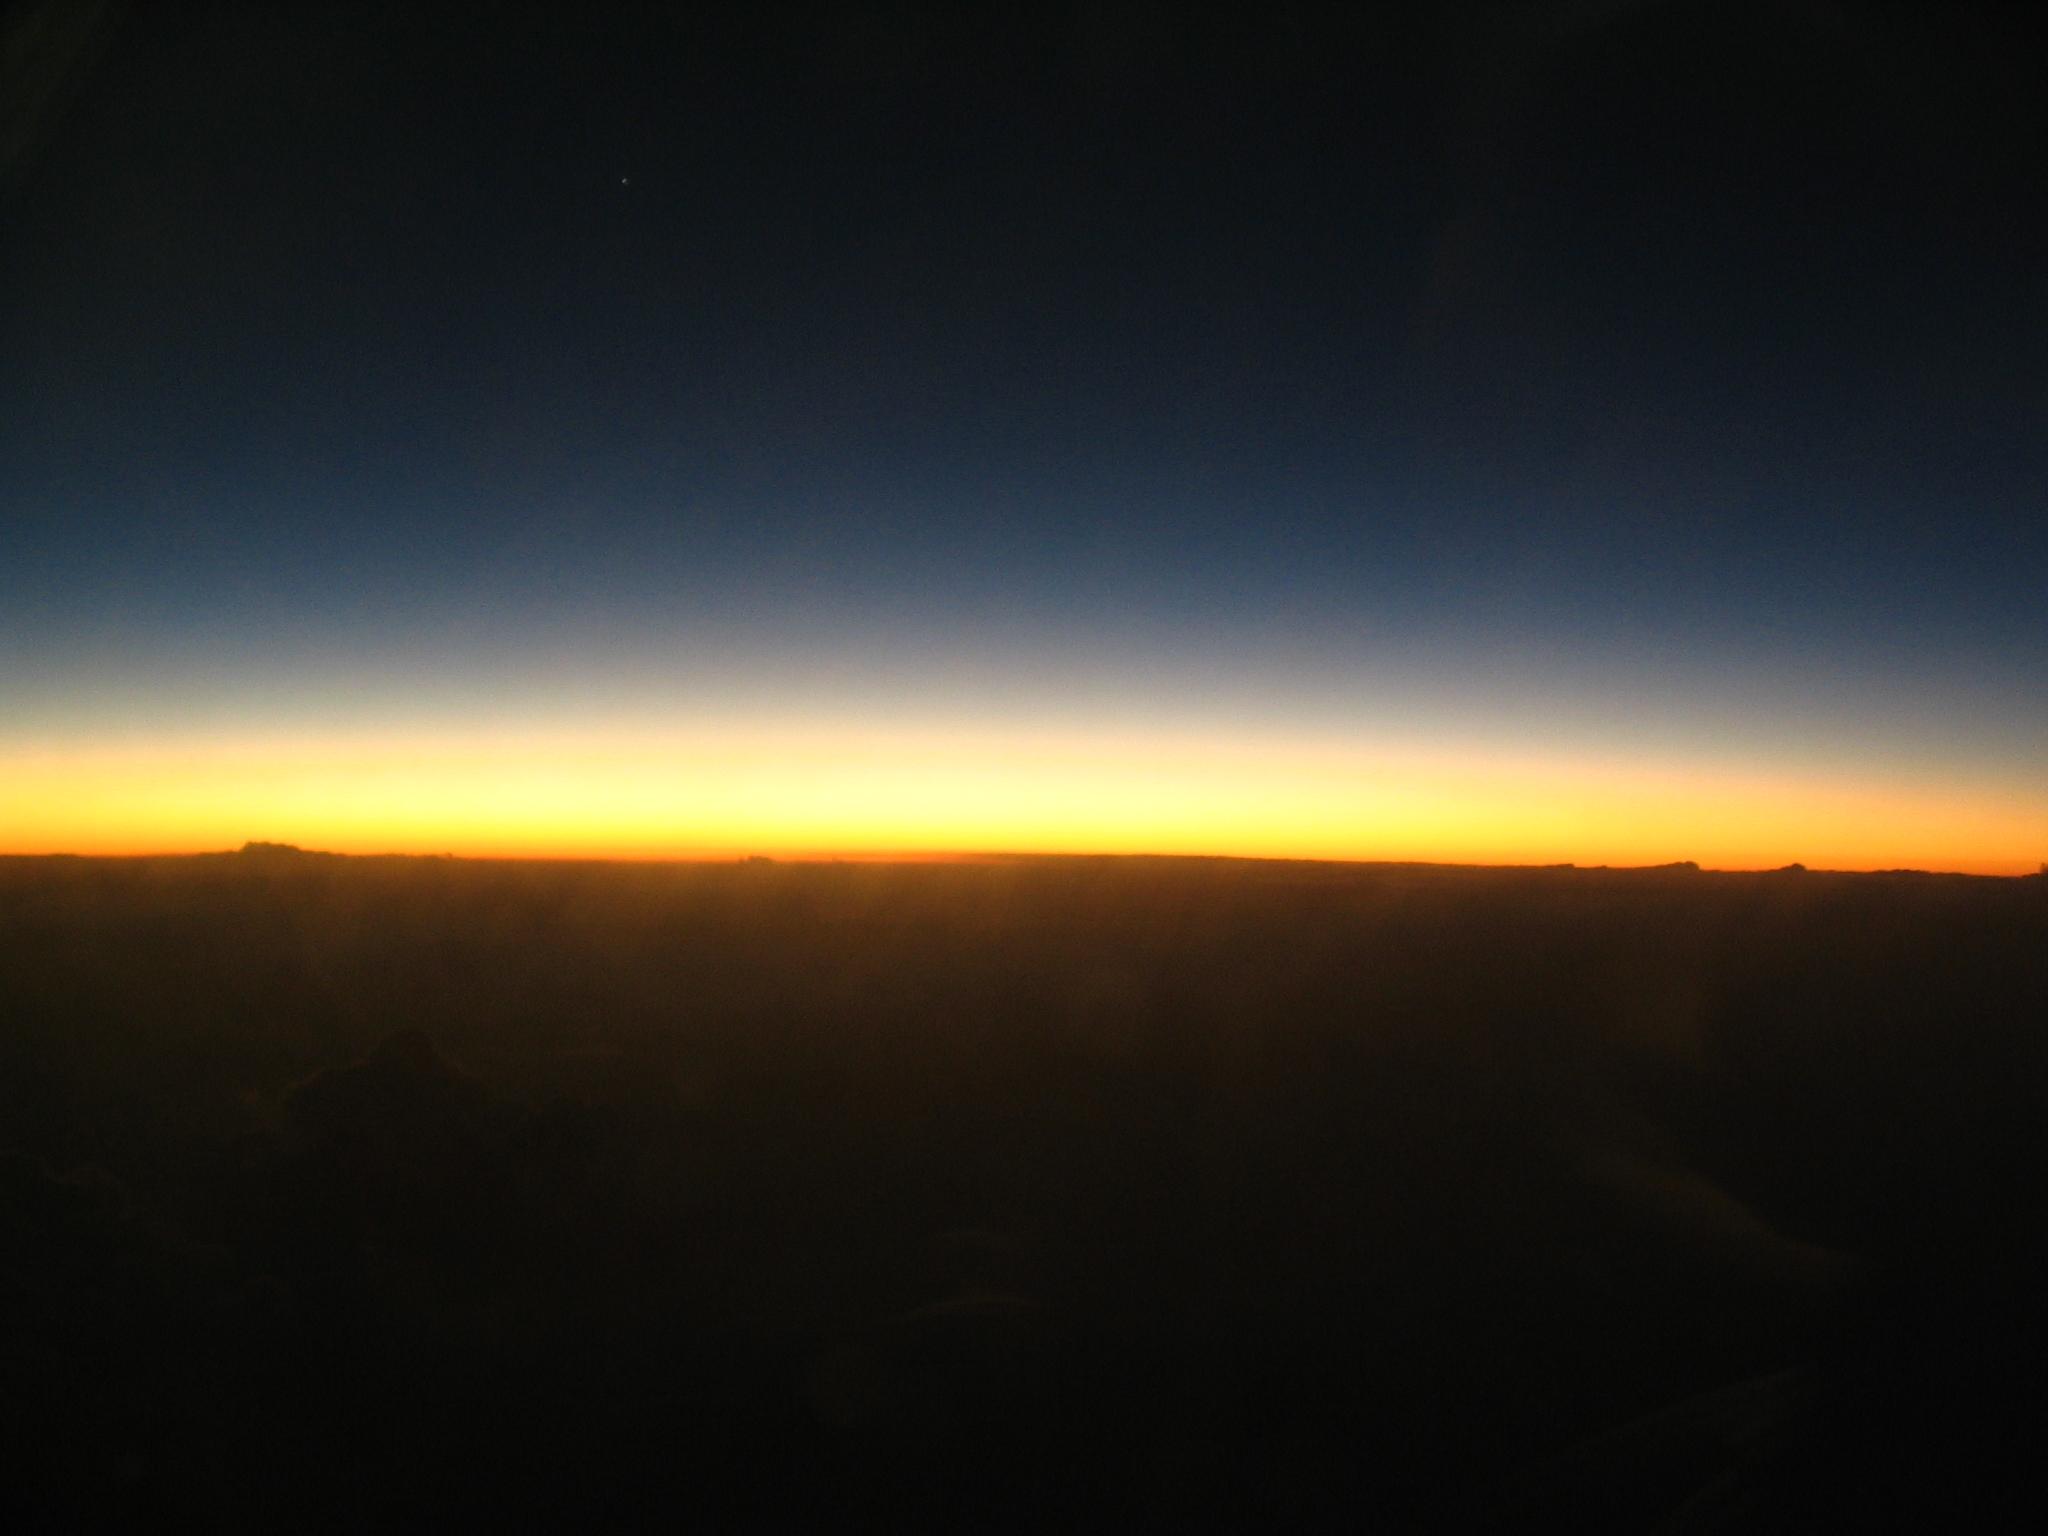 night city sunset on horizon